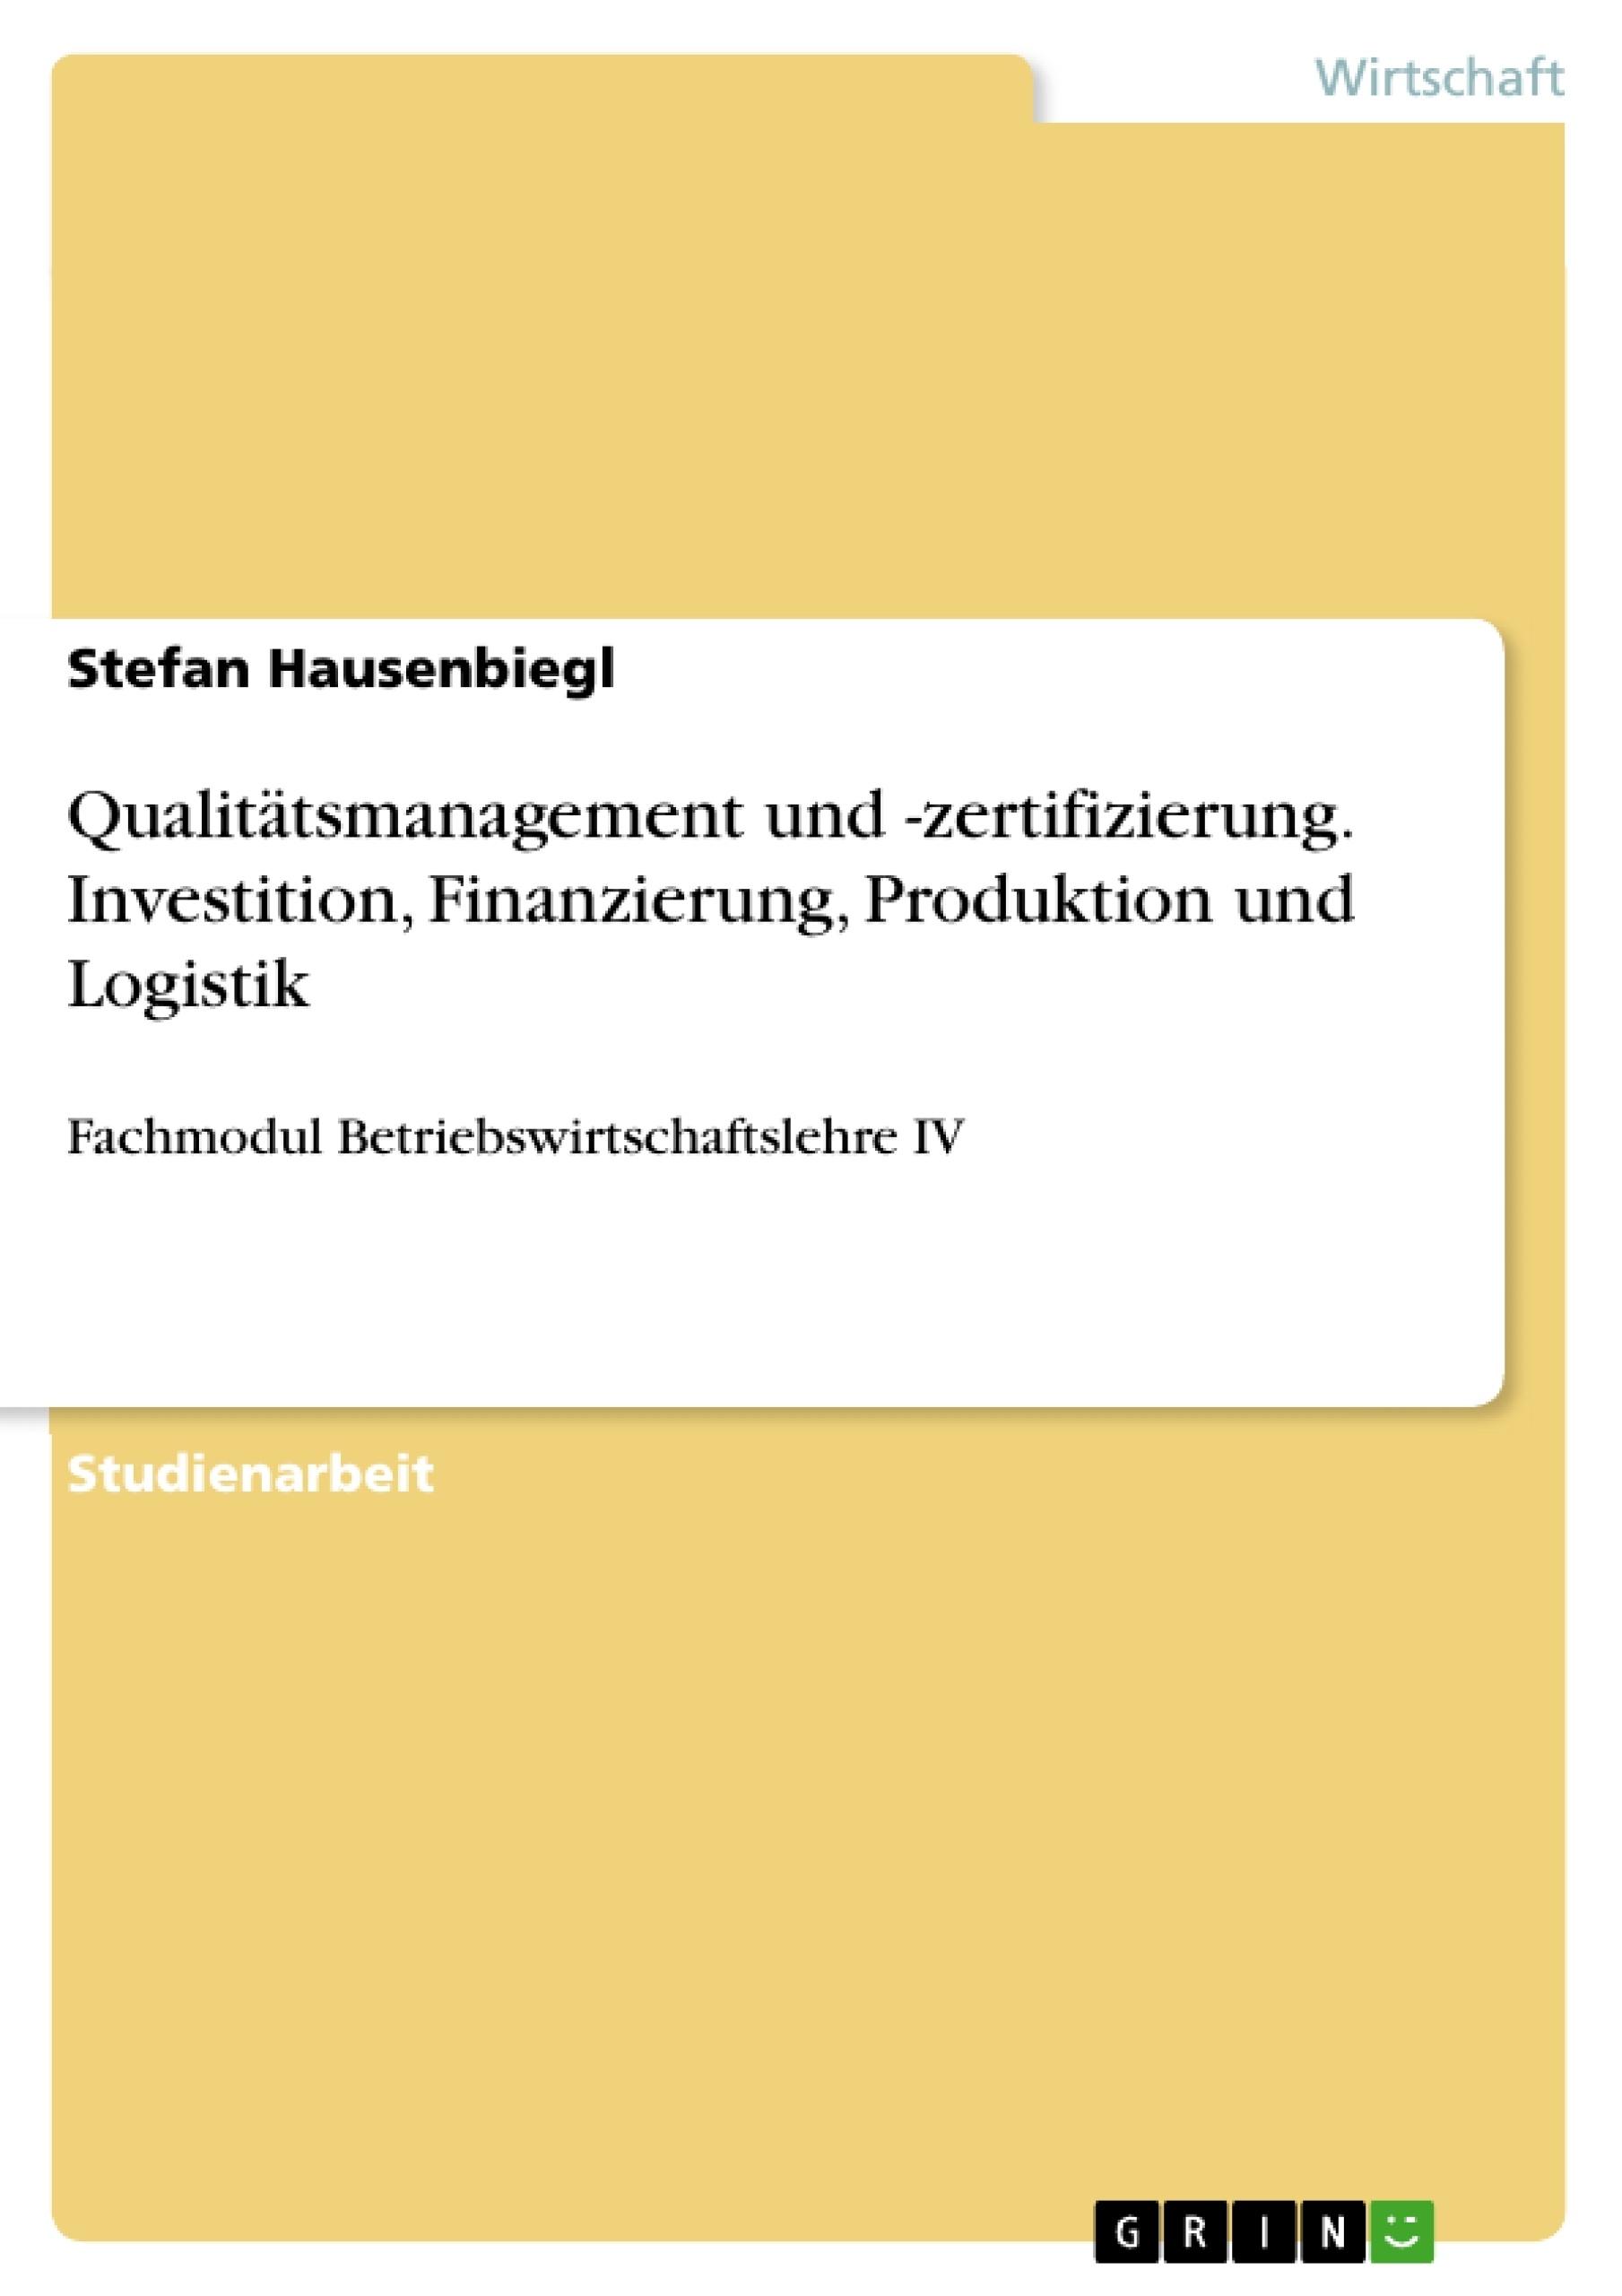 Titel: Qualitätsmanagement und -zertifizierung. Investition, Finanzierung, Produktion und Logistik